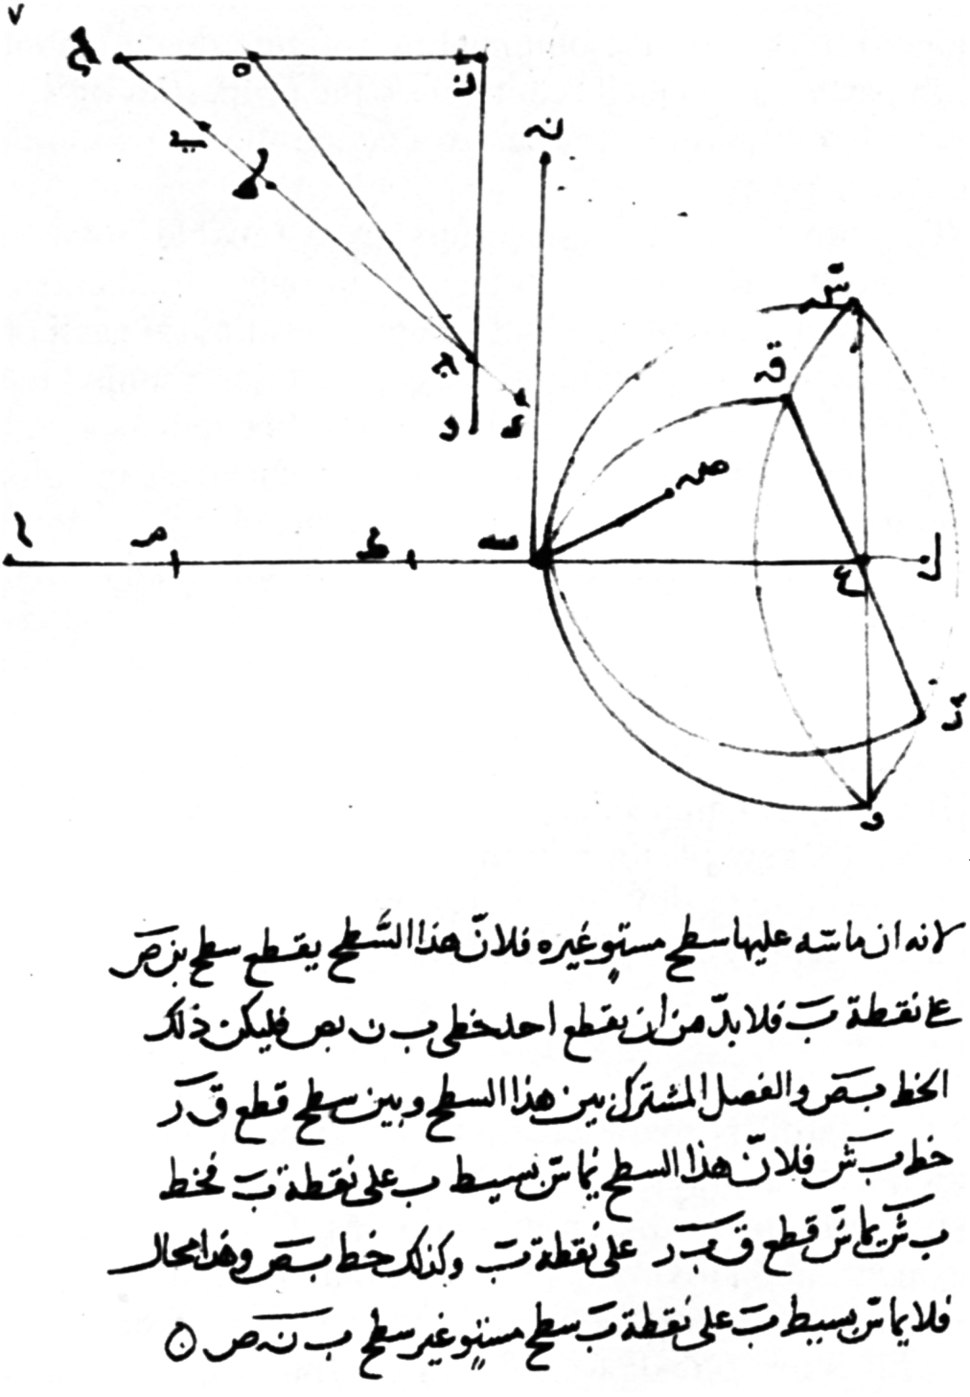 Ibn Sahl manuscript